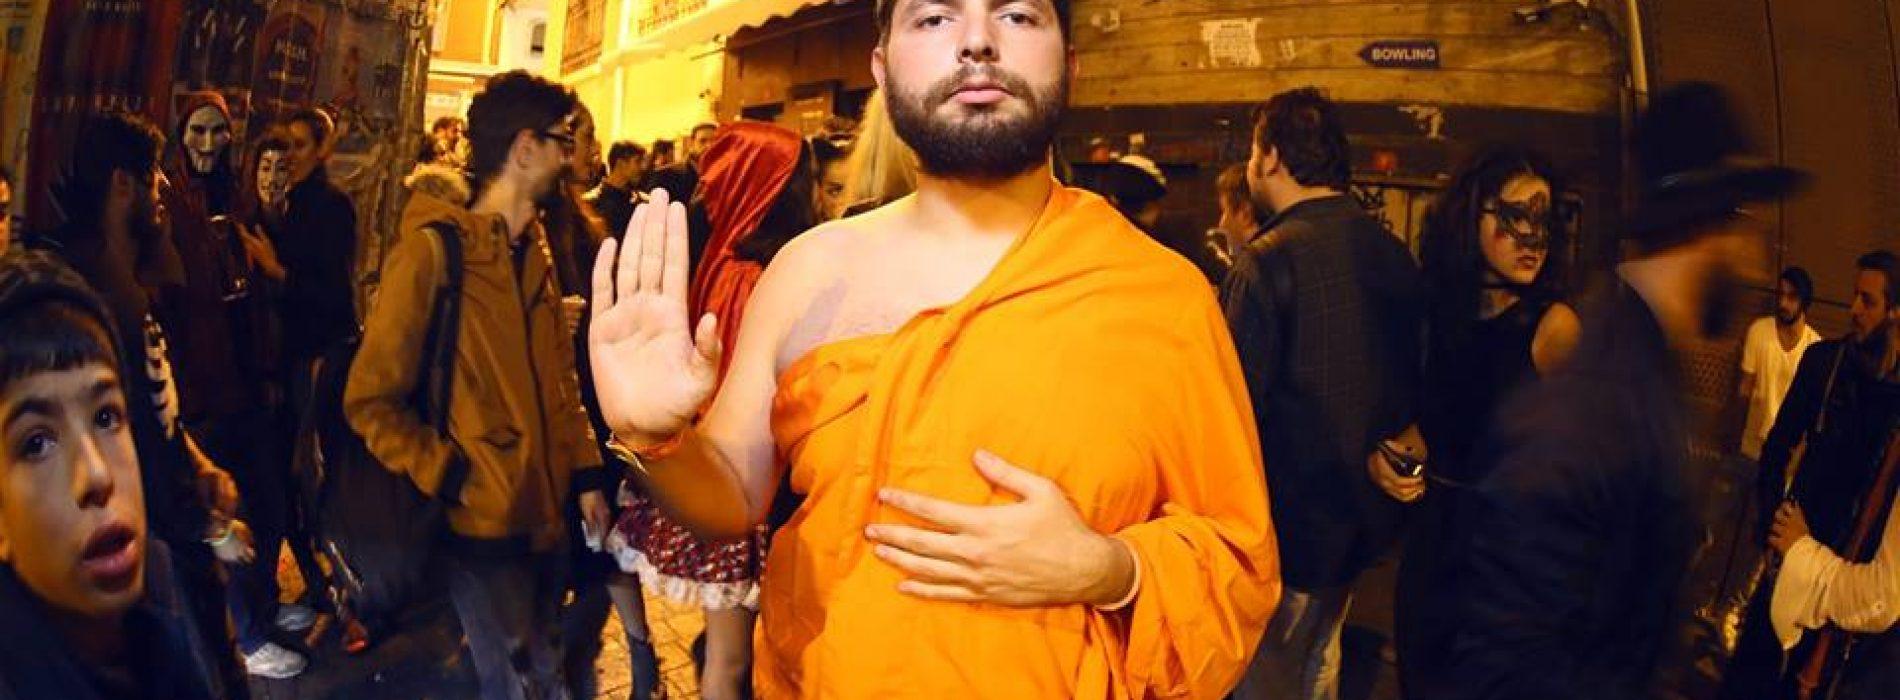 HalloweenRail Beat Fotoğrafları